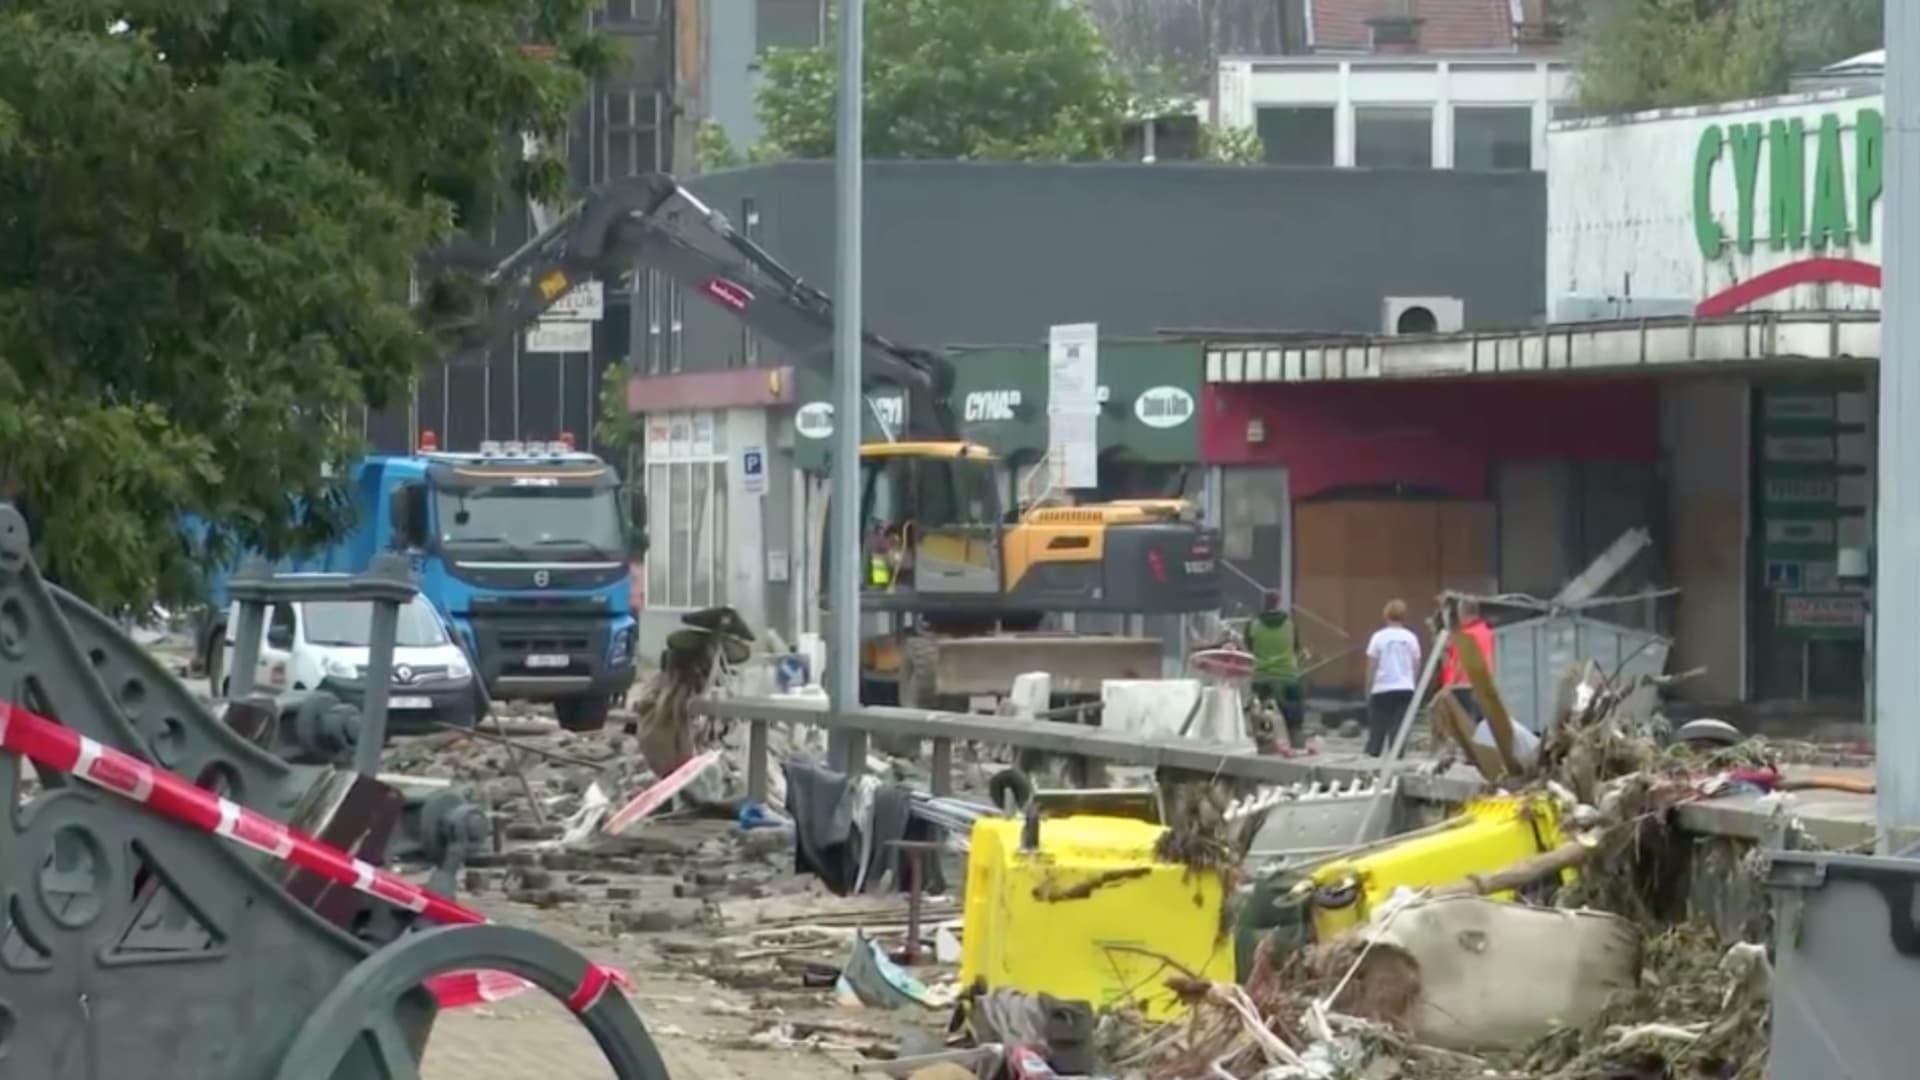 بلجيكا تستعيد الحياة بعد موجة الفيضانات الكارثية.. هكذا تجري إزالة آثار الدمار